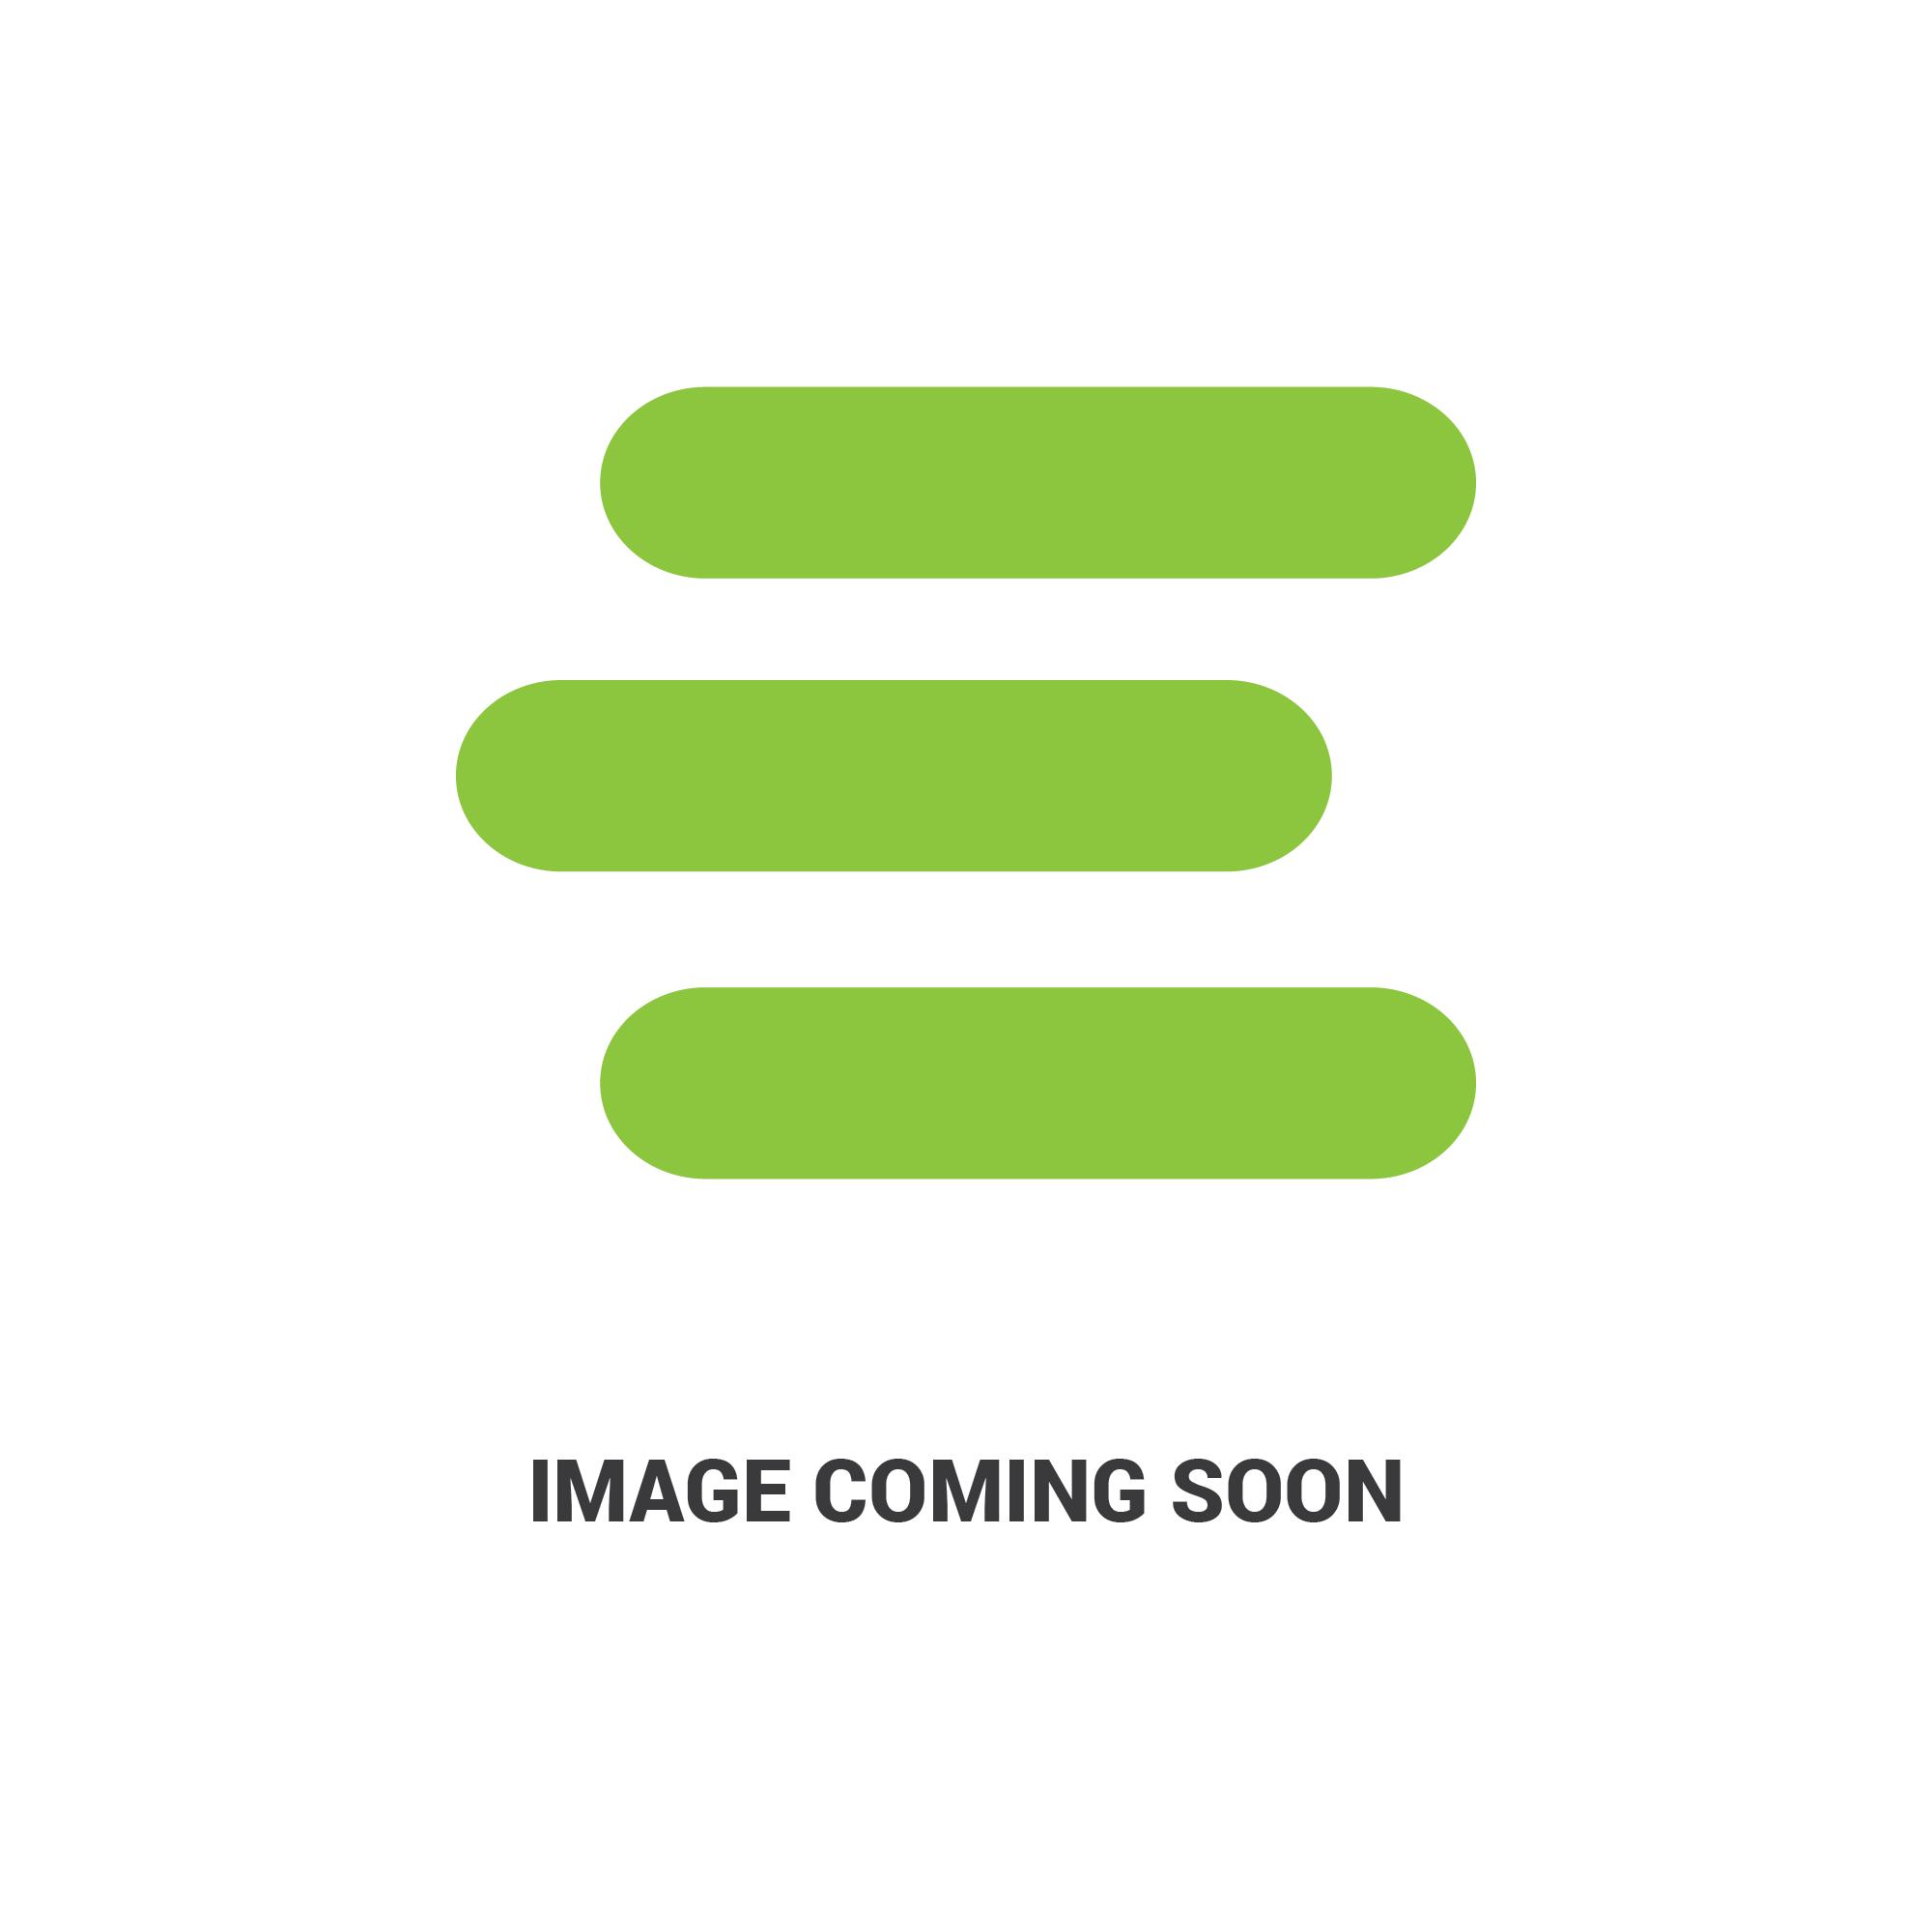 E-1331854C2edit 1.10.jpg